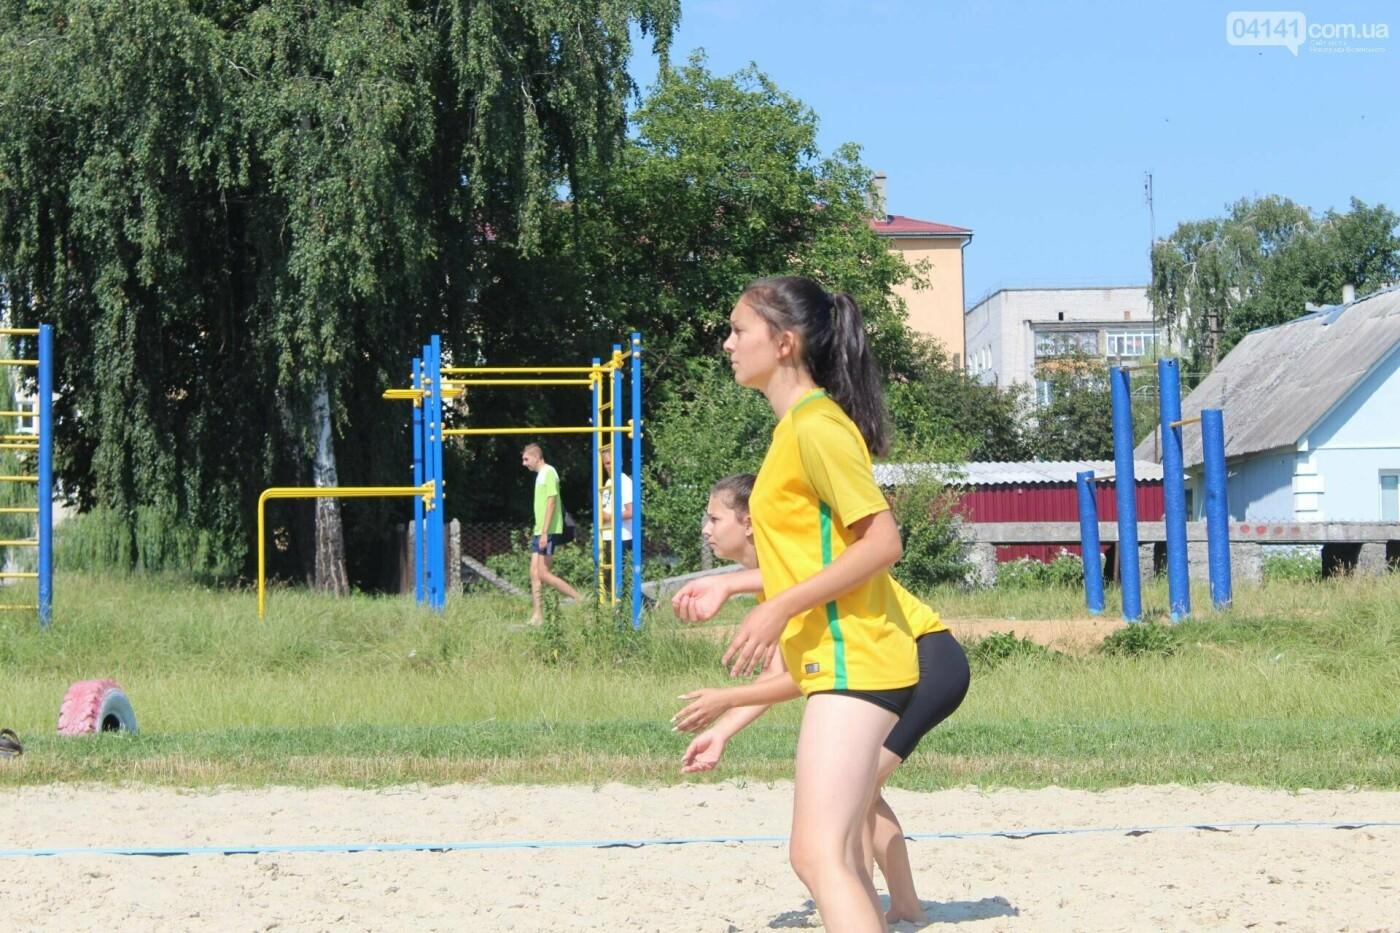 У Новограді-Волинському відбувся турнір з пляжного волейболу (ФОТО, ВІДЕО, РЕЗУЛЬТАТИ), фото-3